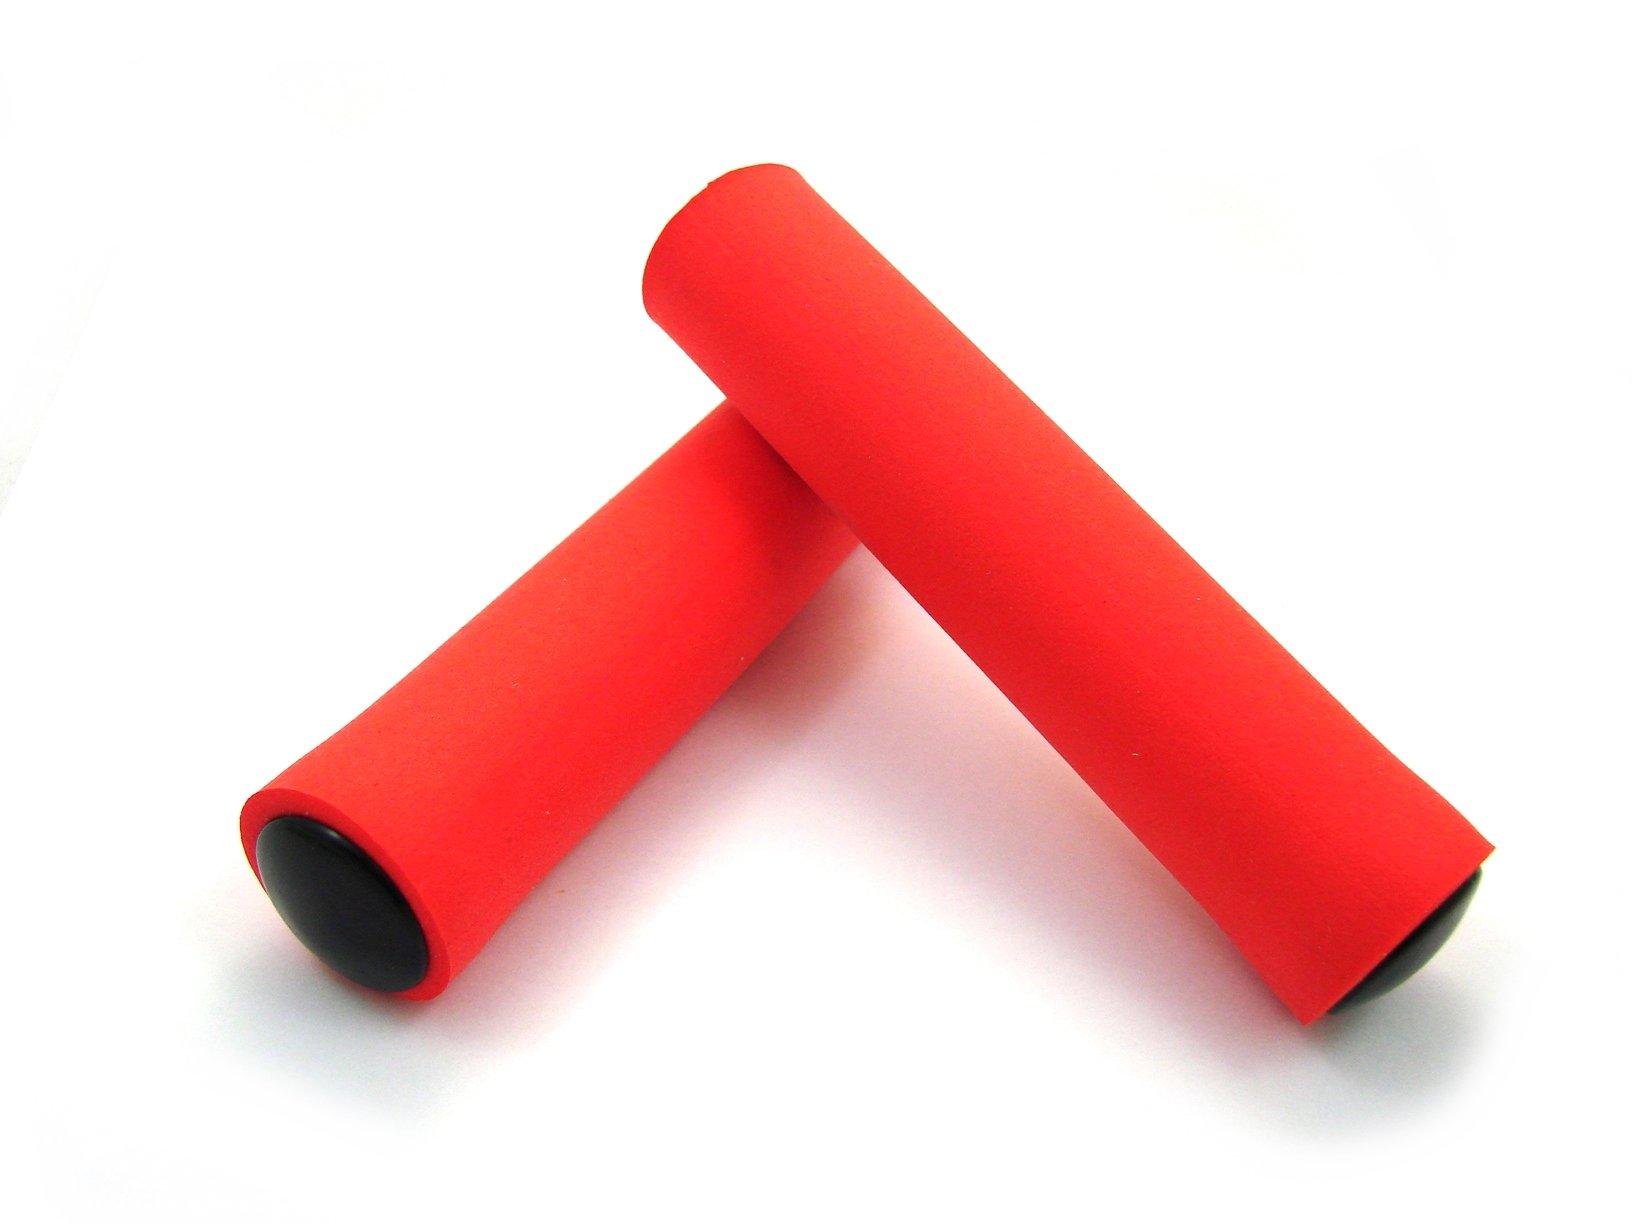 Chwyty Mortop silikonowe pianka czerwone